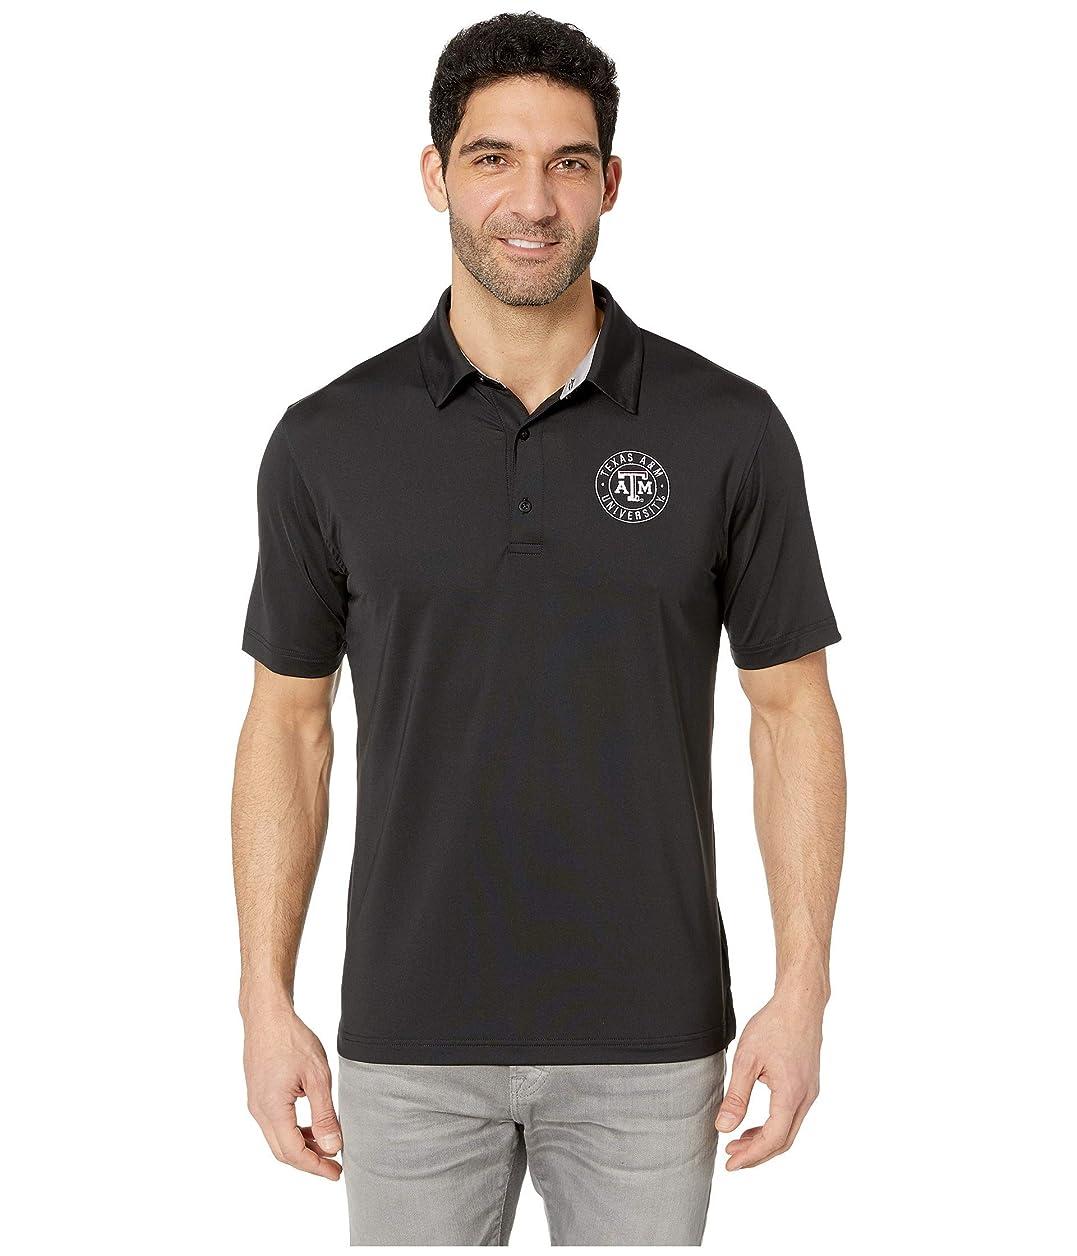 噴出するゼロ東方[チャンピオン] メンズ シャツ Texas A&M Aggies Solid Polo [並行輸入品]